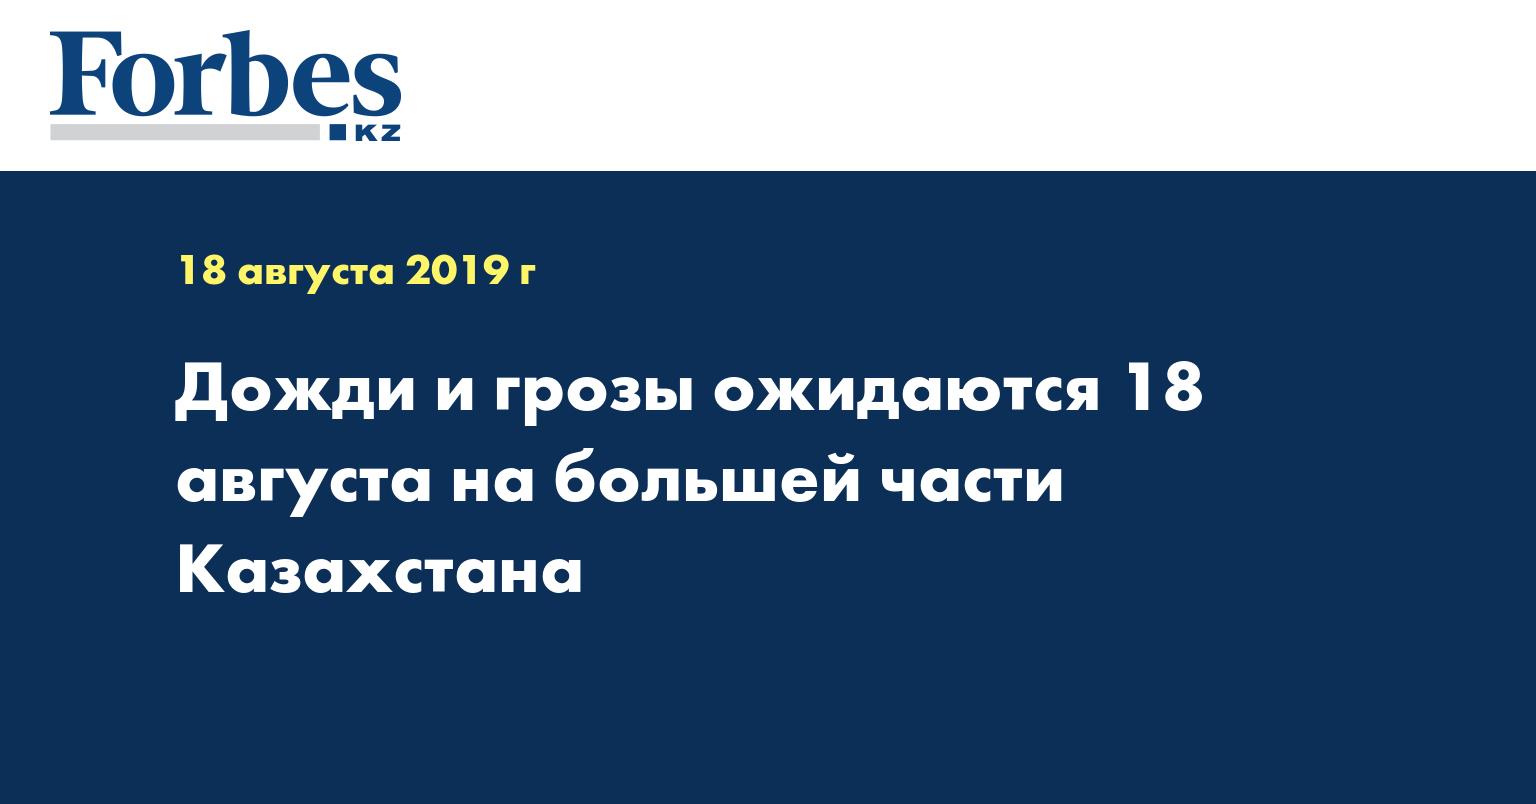 Дожди и грозы ожидаются 18 августа на большей части Казахстана